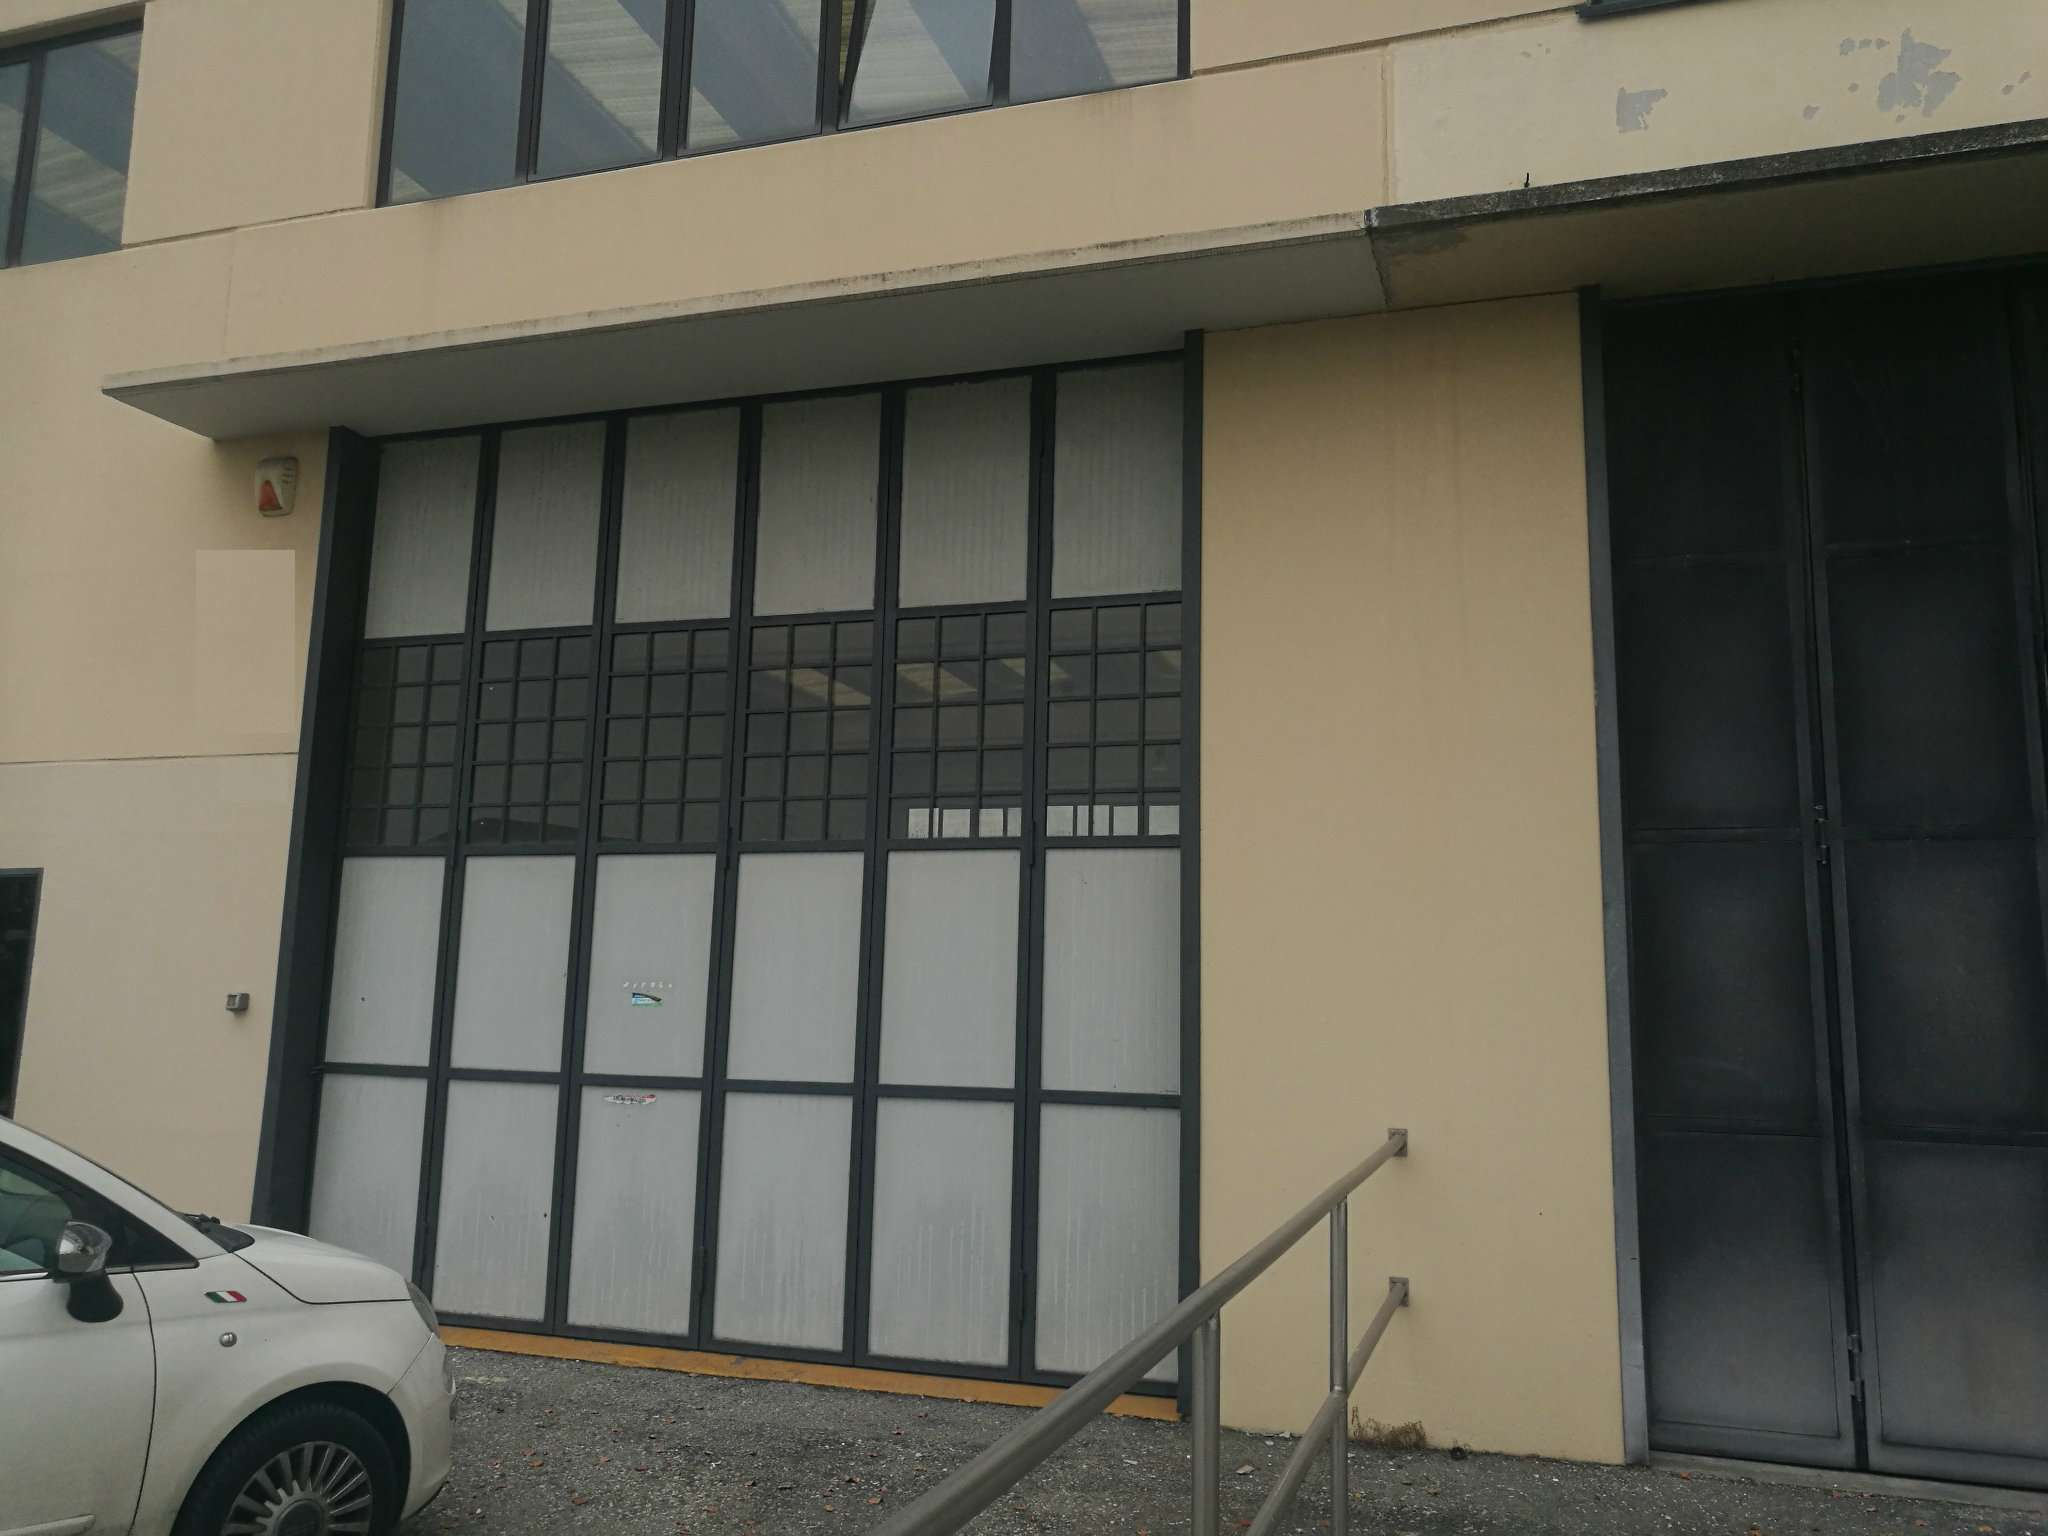 Capannone in vendita a Beinasco, 1 locali, prezzo € 375.000 | PortaleAgenzieImmobiliari.it